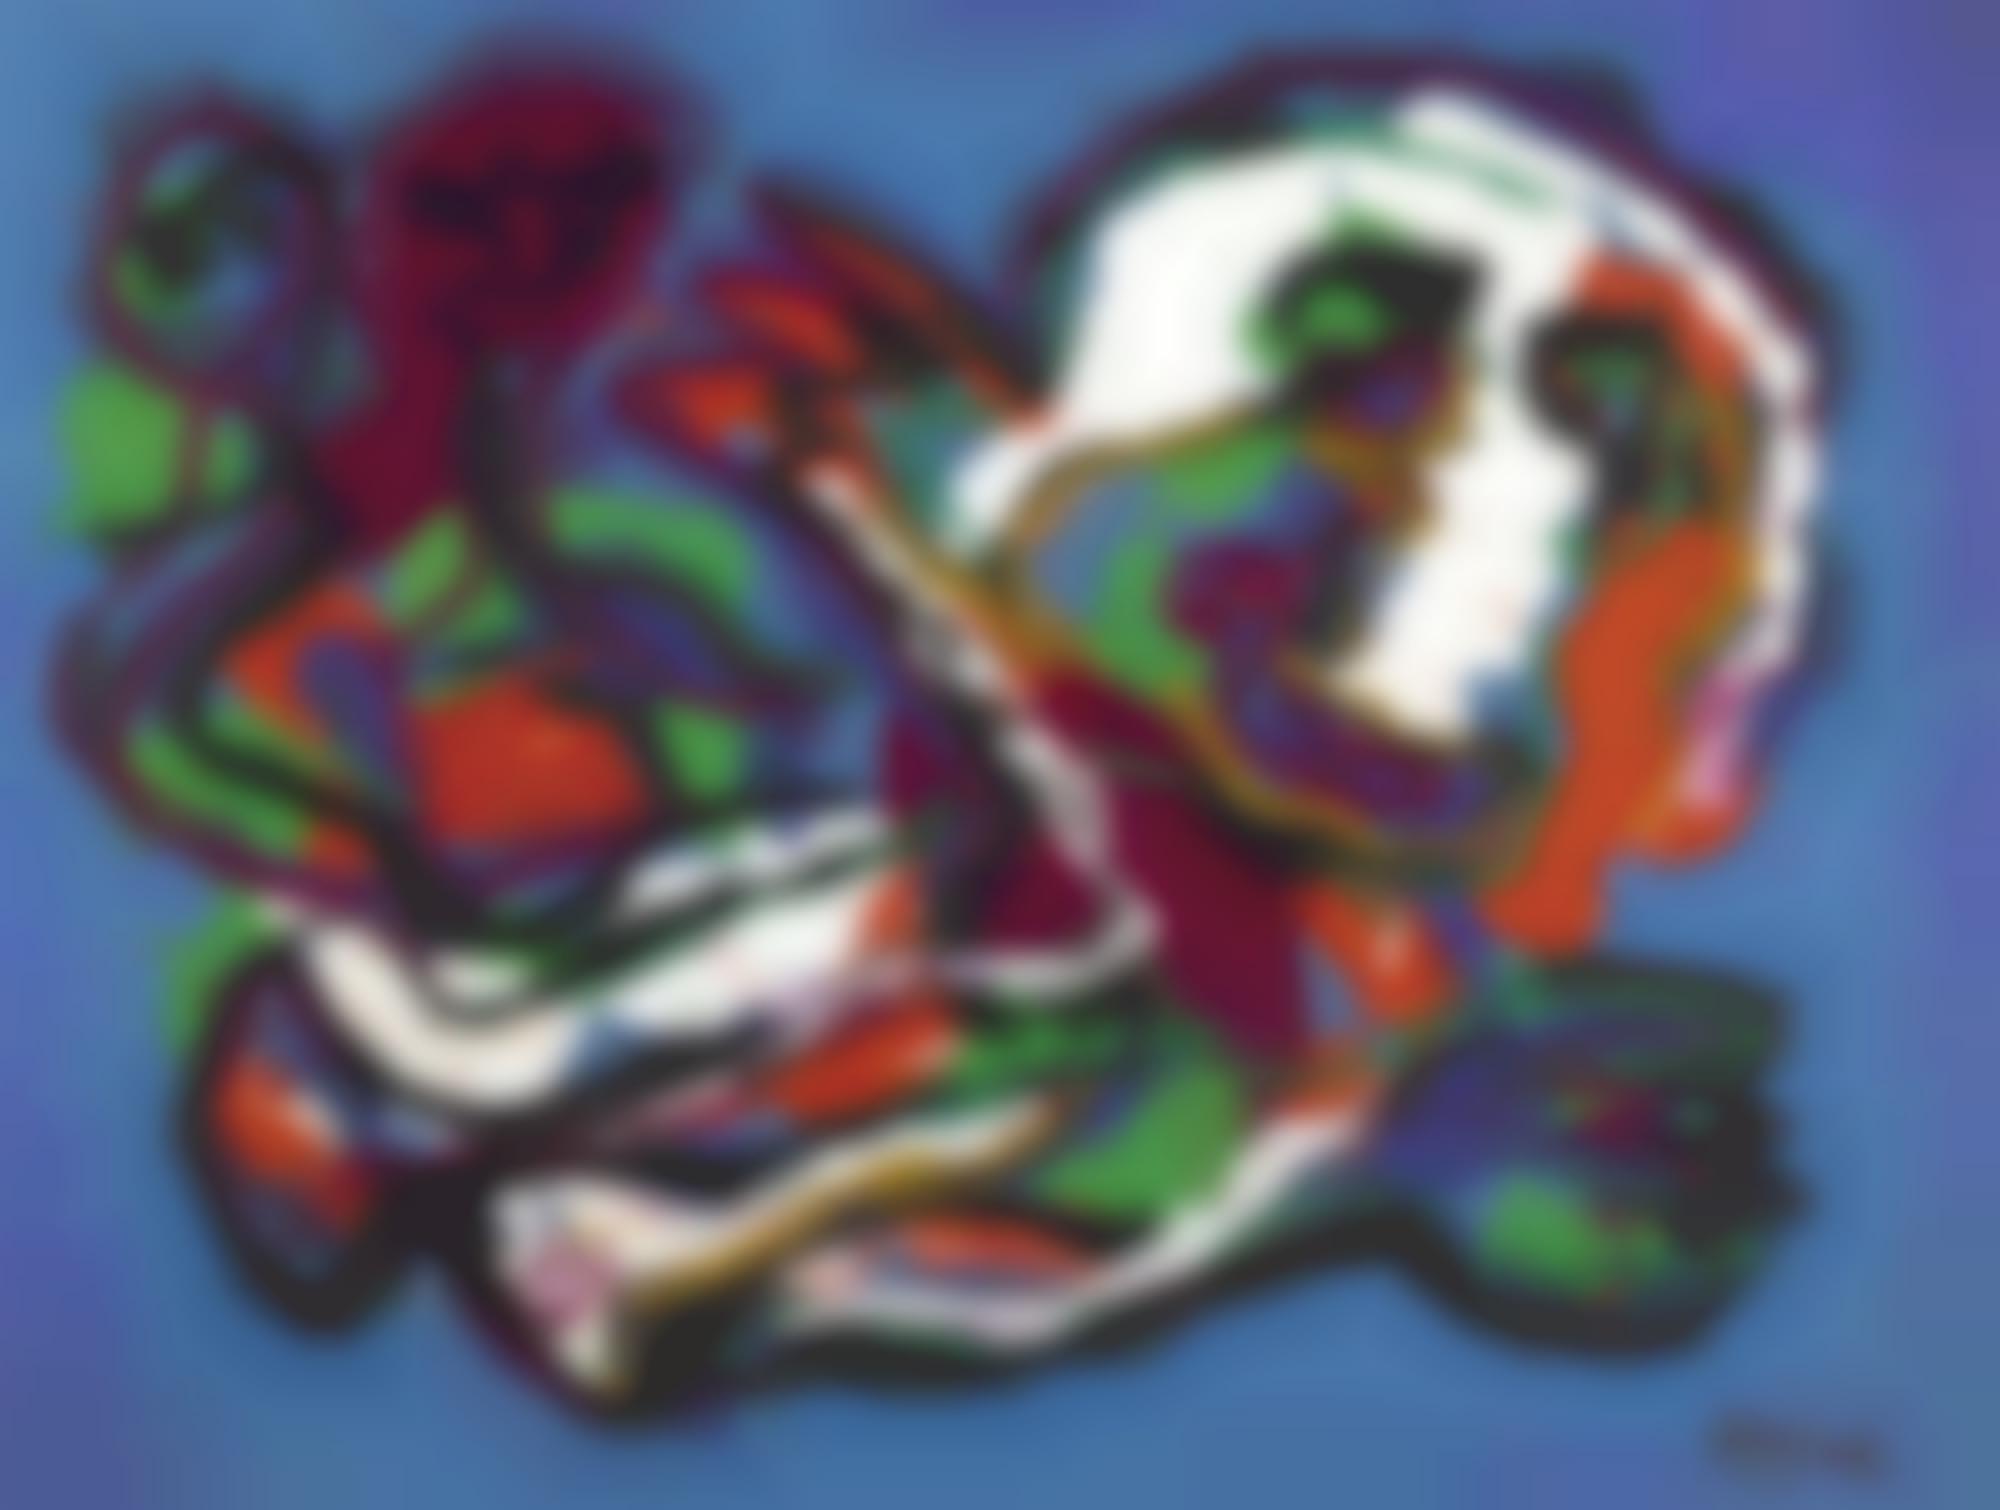 Karel Appel-Figures In Blue Background-1987